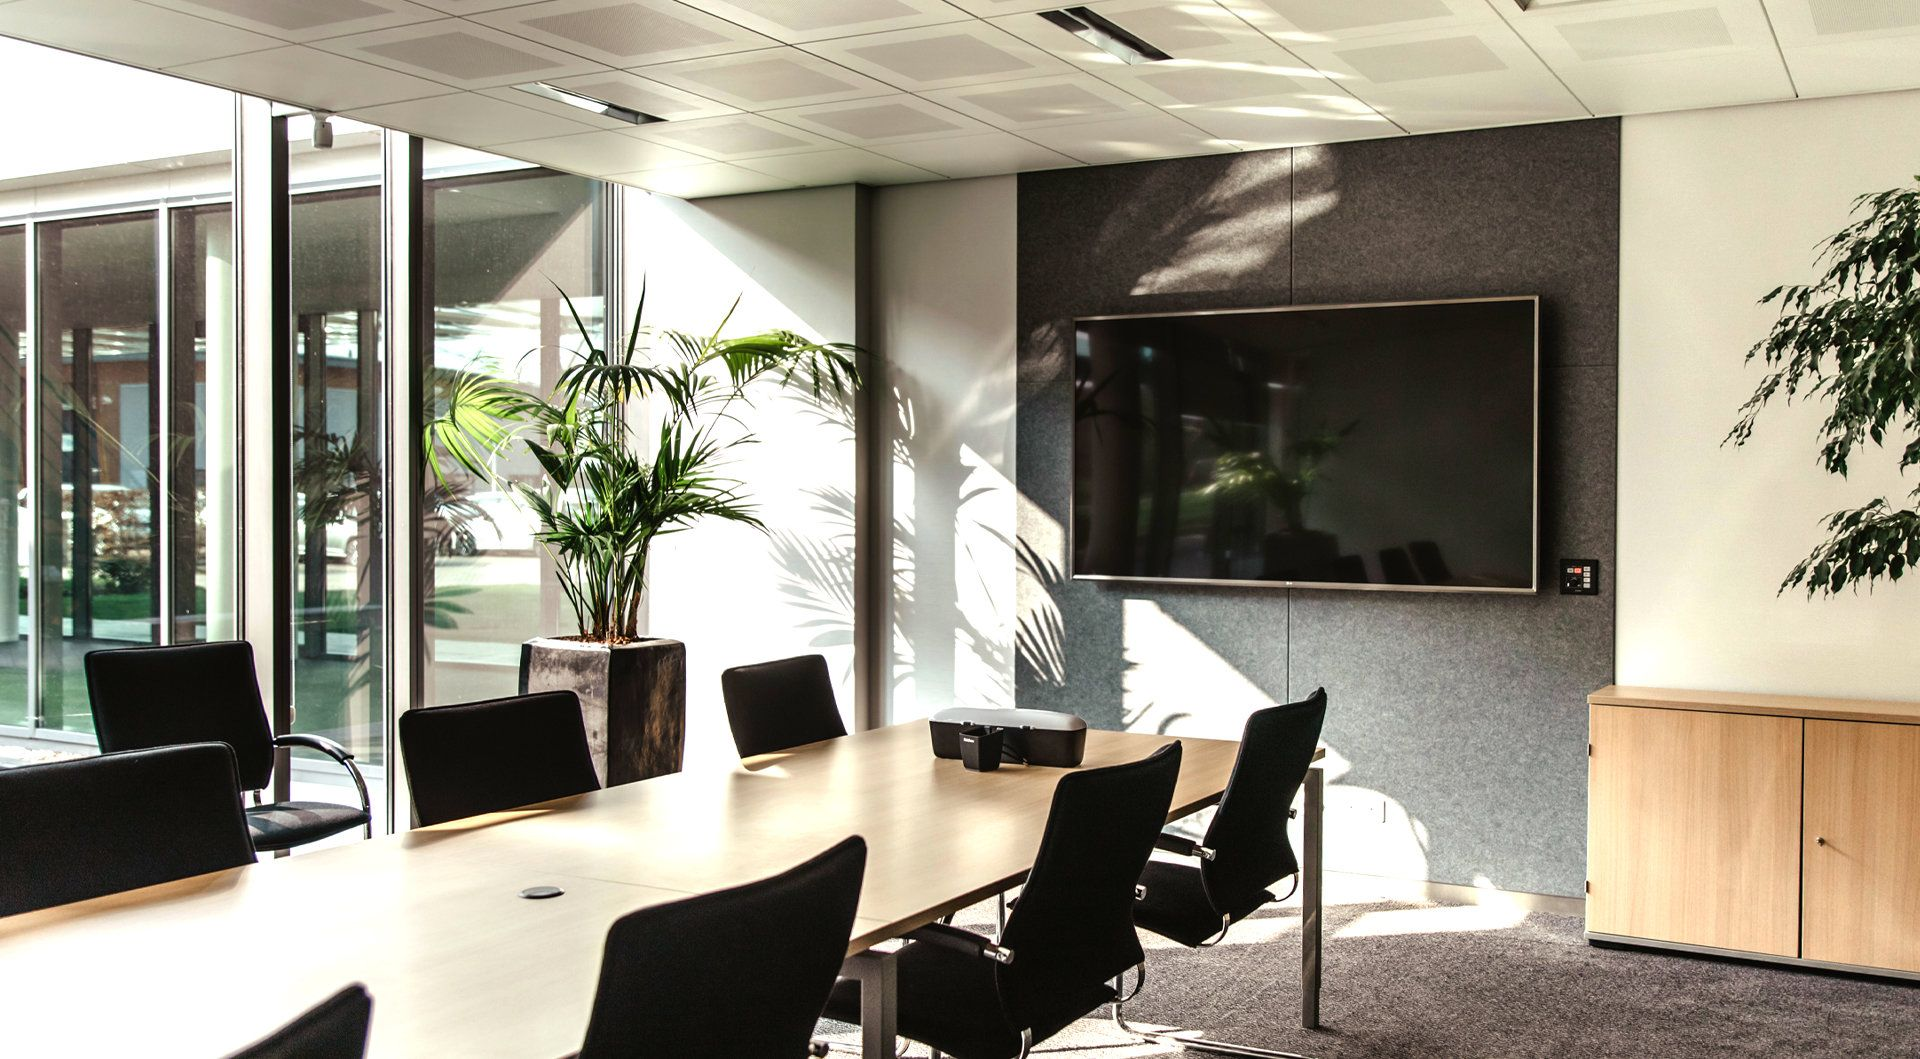 """Projecta Compact Manual 183x240 Matte White S projectiescherm 3,05 m (120"""") 4:3 - Case studie de vries"""